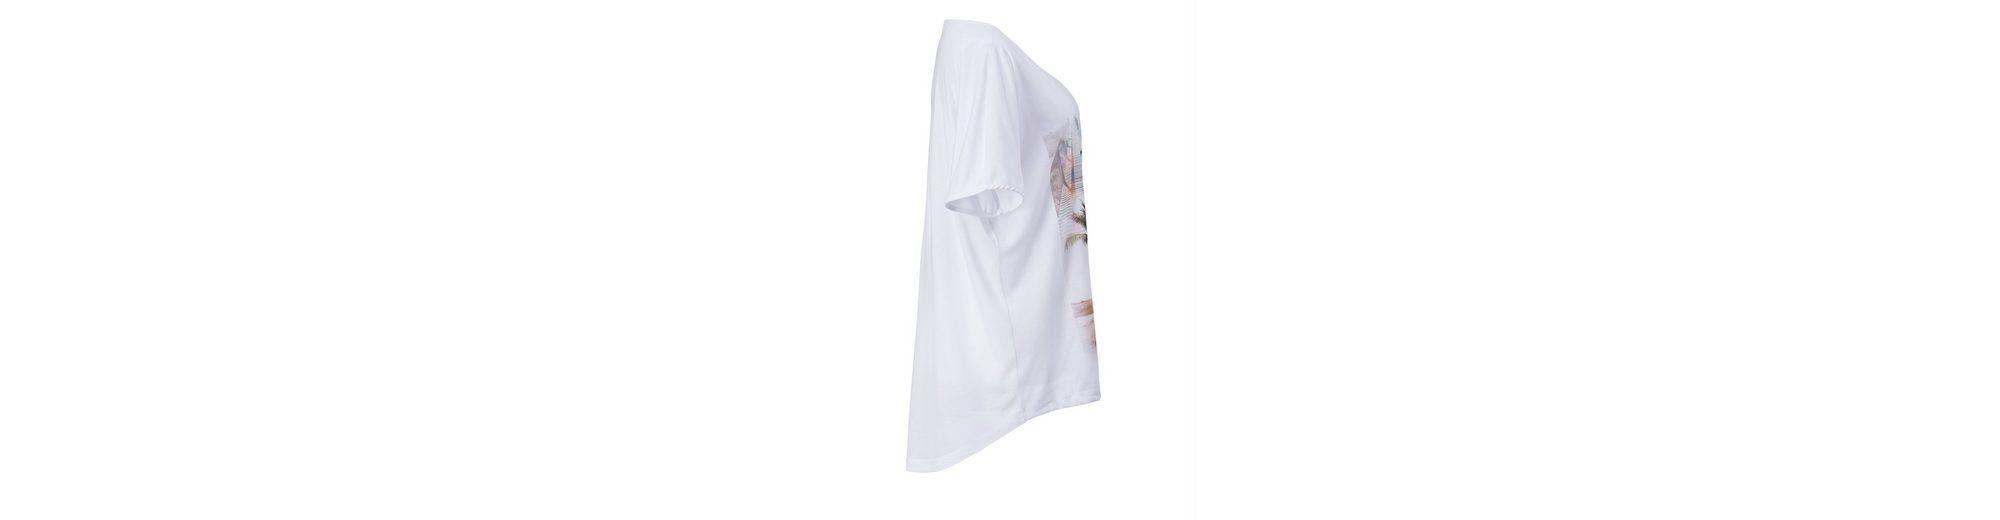 Angel of Style by Happy Size Vokuhila-Shirt in Oversize-Form Zuverlässige Online-Verkauf Auslass Der Billigsten 8QNW4r